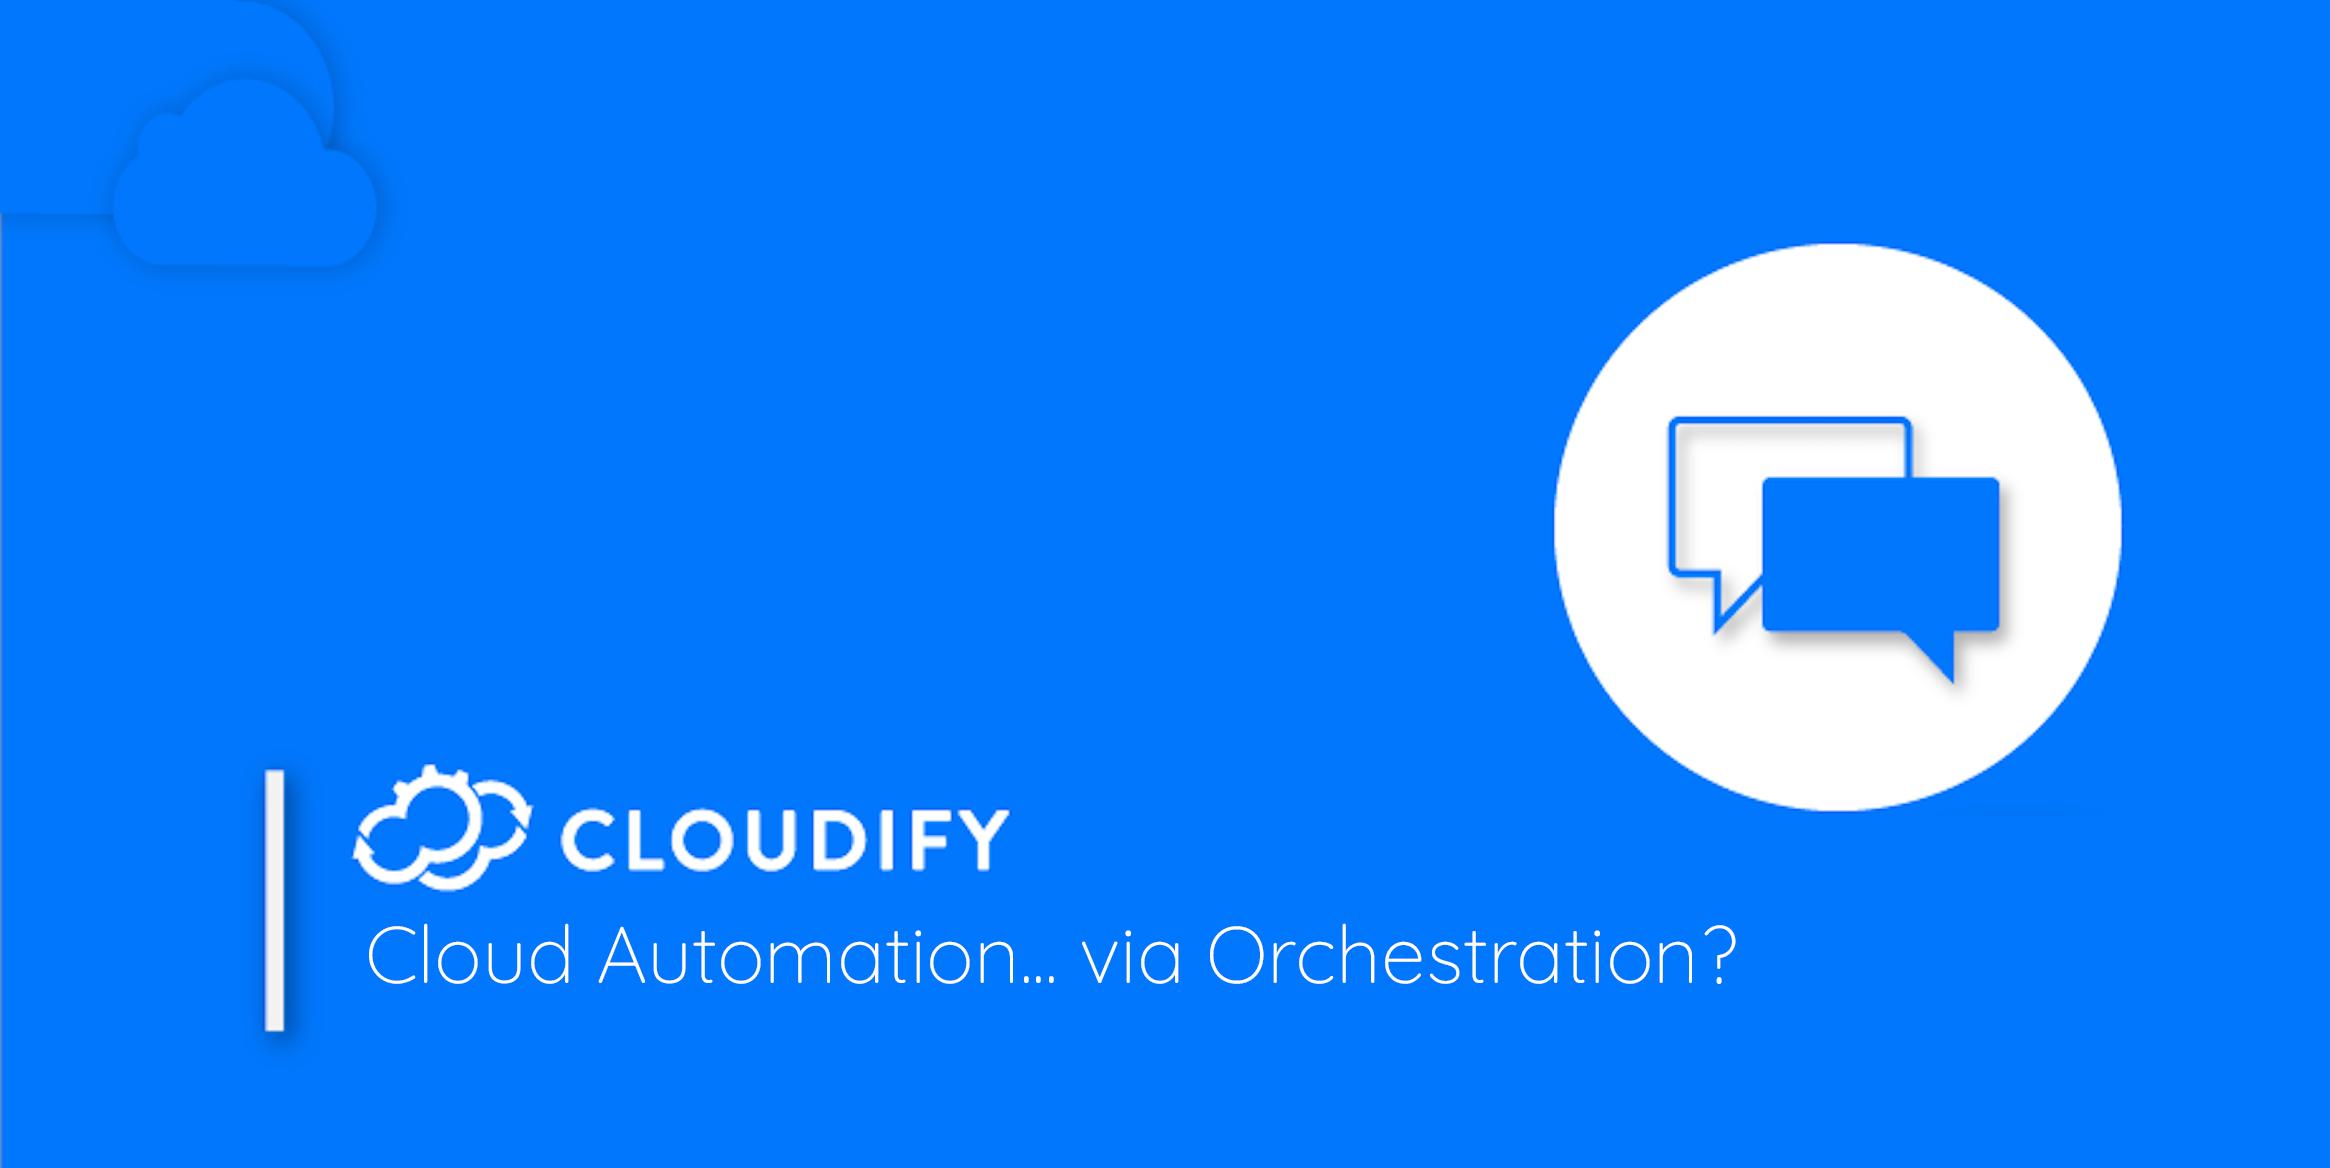 cloud-automation-via-orchestration